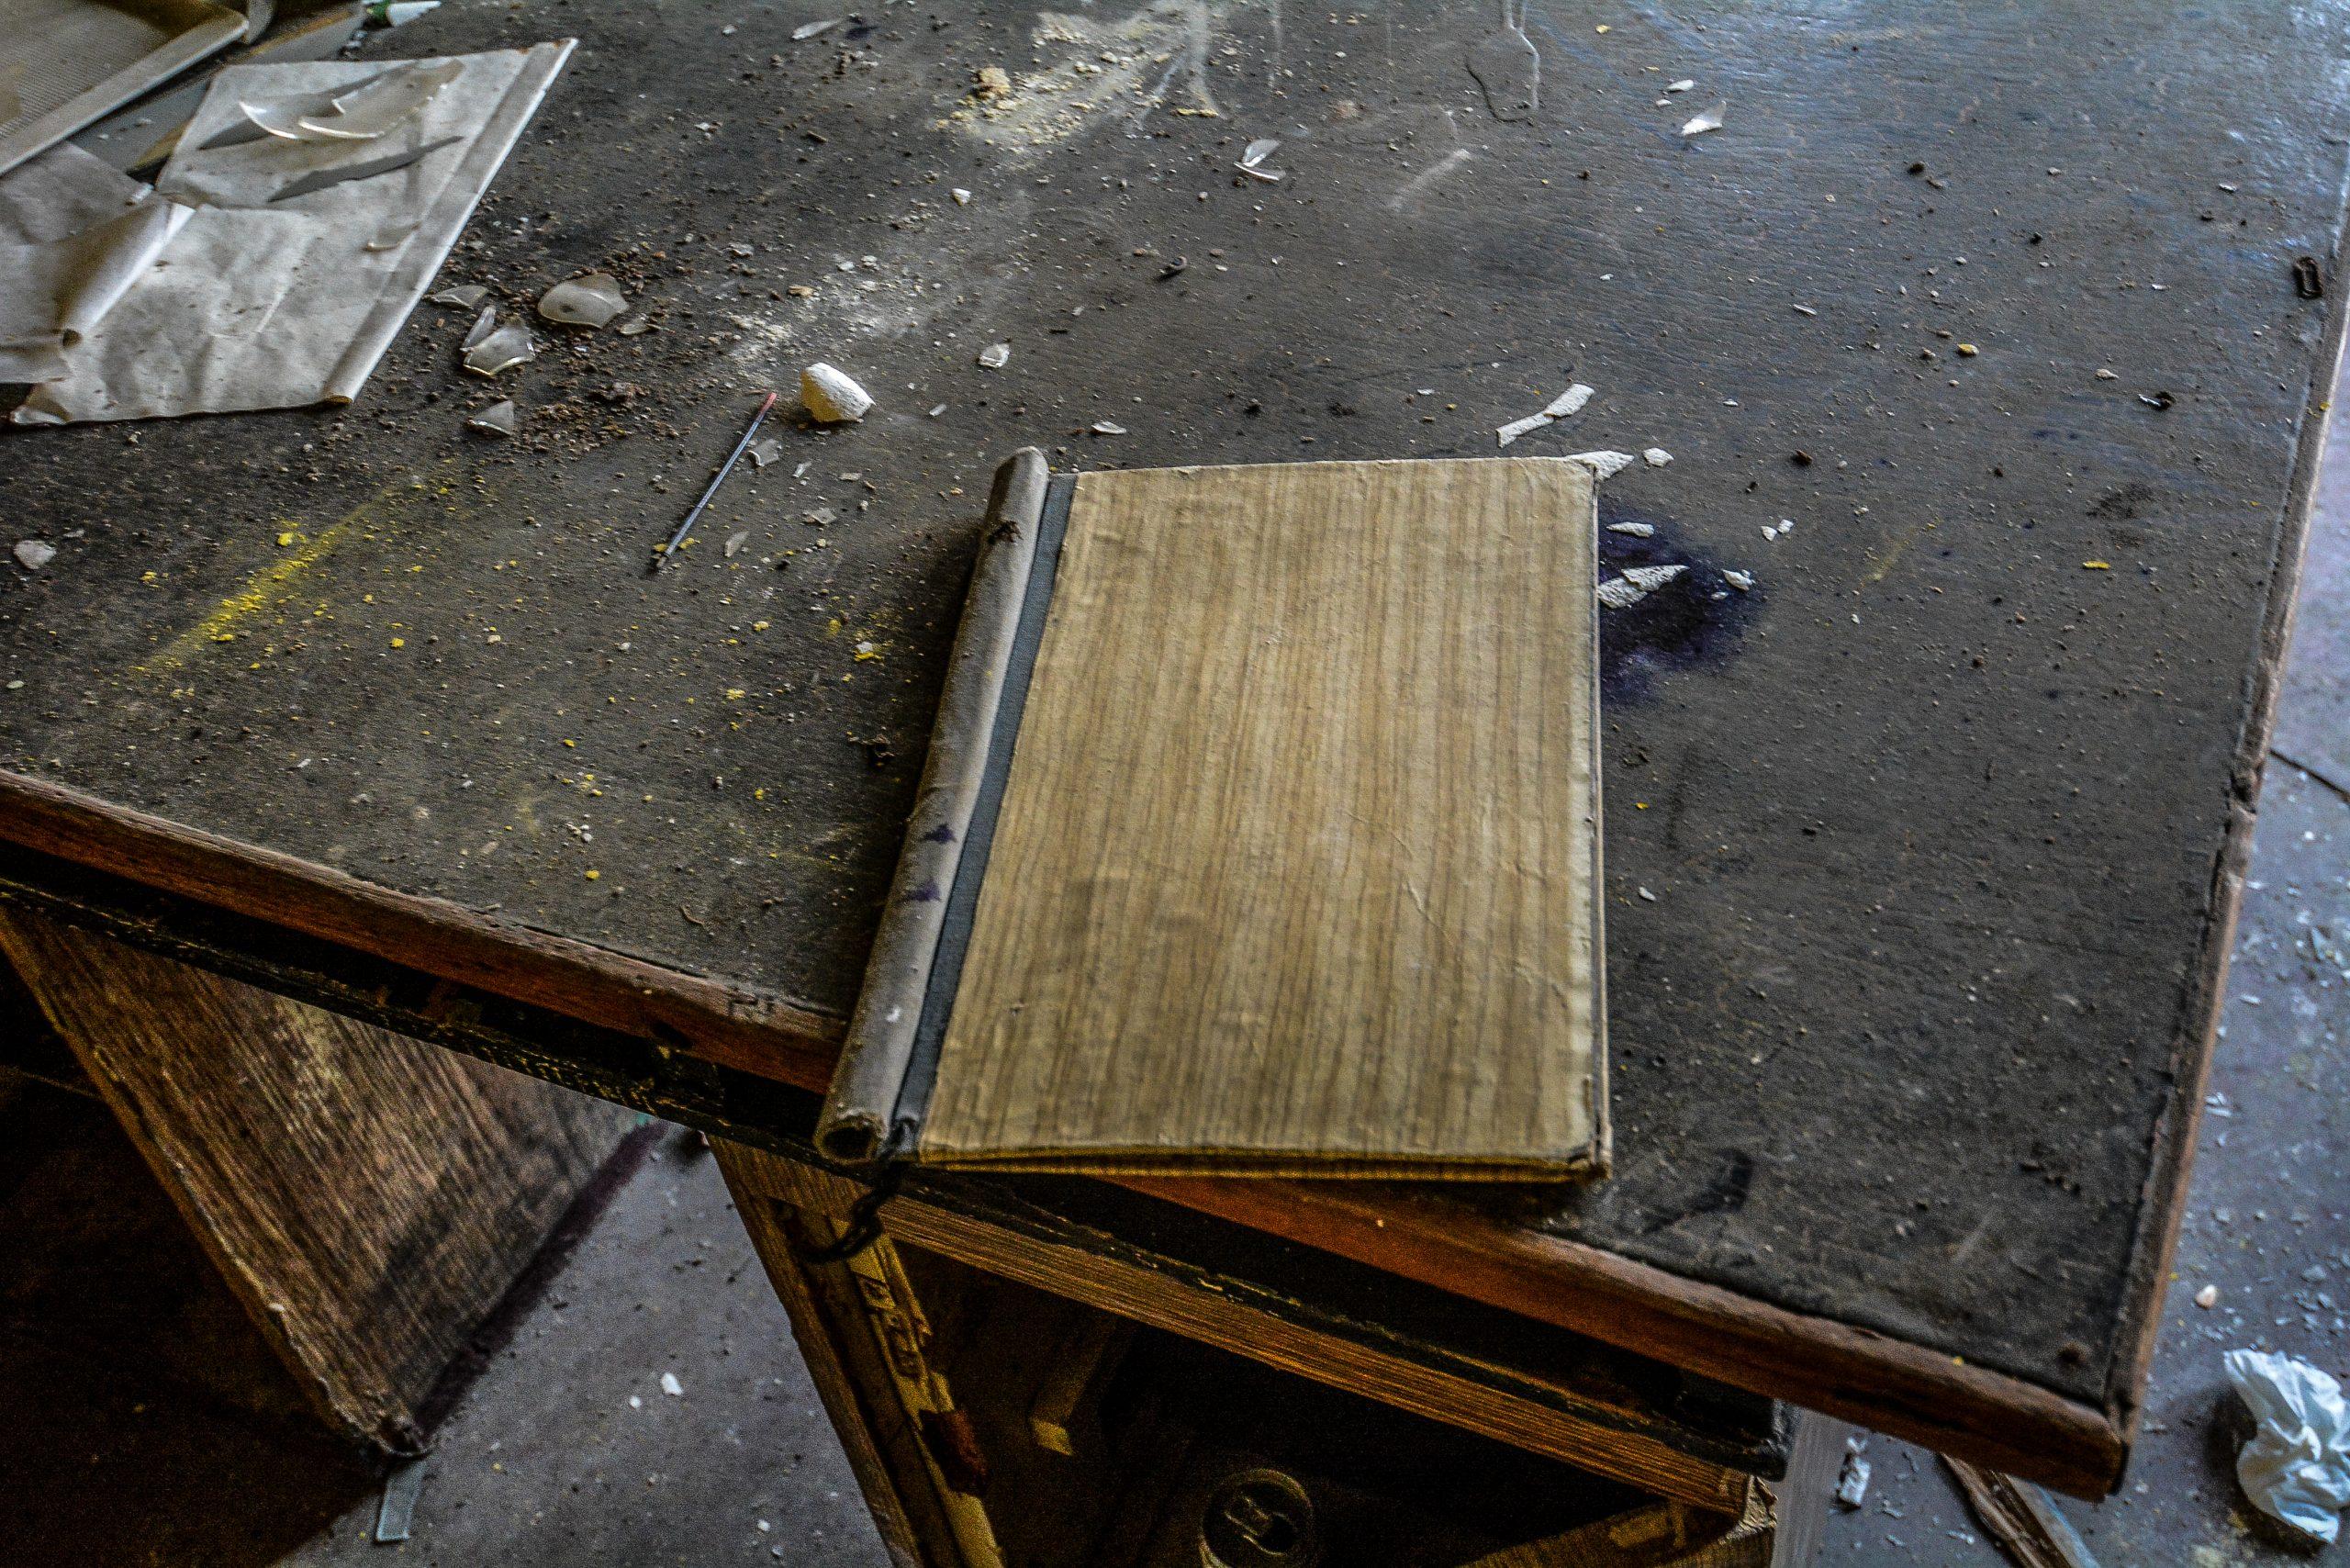 soviet log book forst zinna adolf hitler lager luckenwalde juterbog sowjet kaserne soviet military barracks germany lost places urbex abandoned